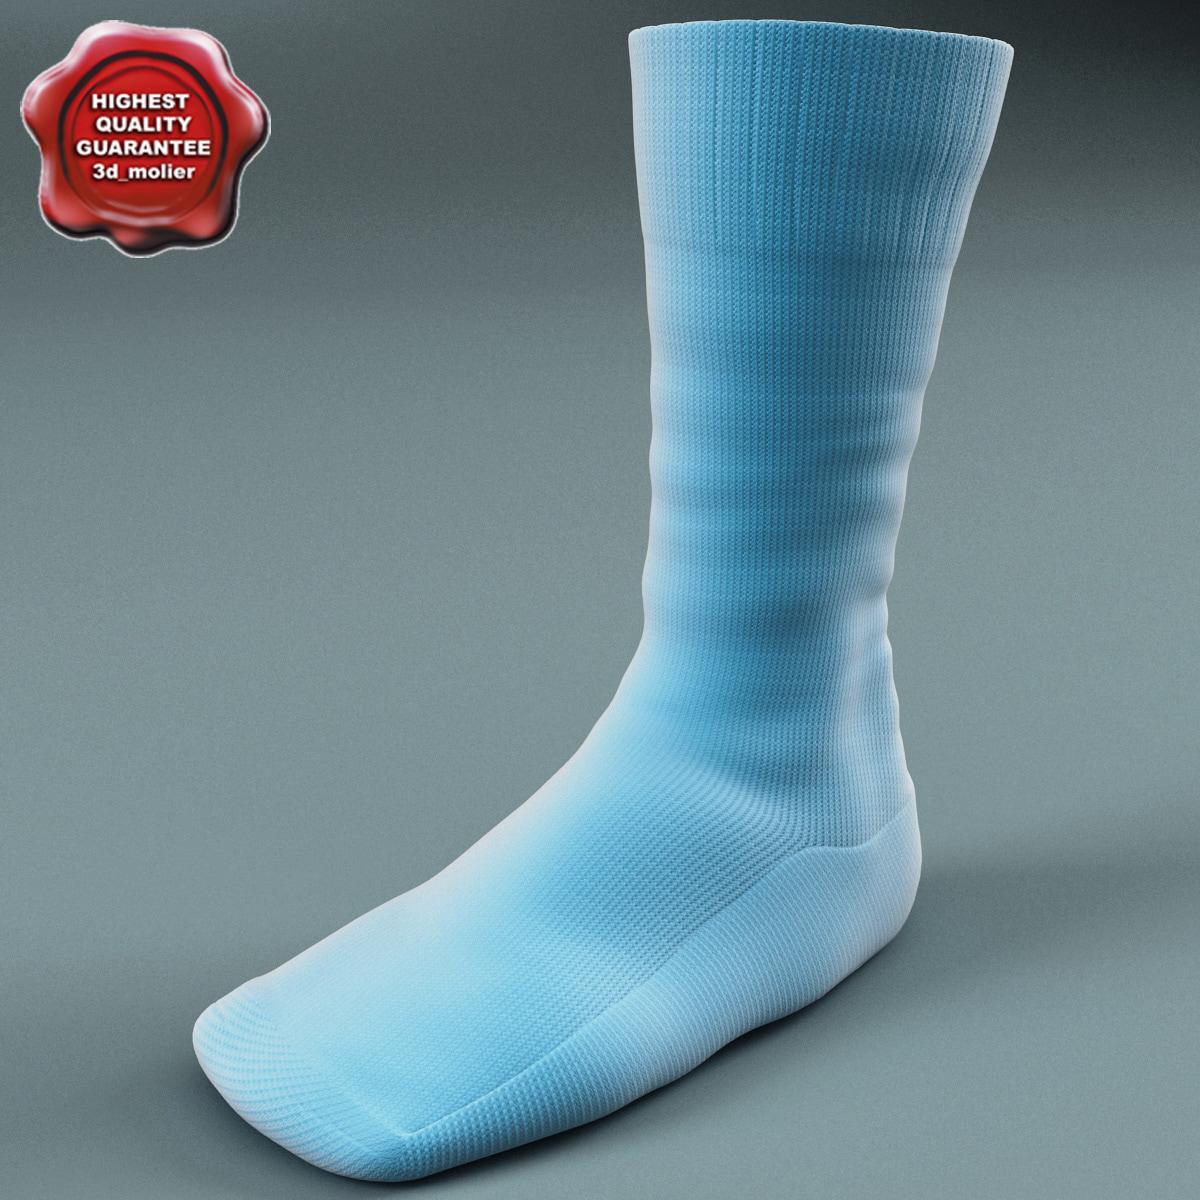 Socks_V2_00.jpg